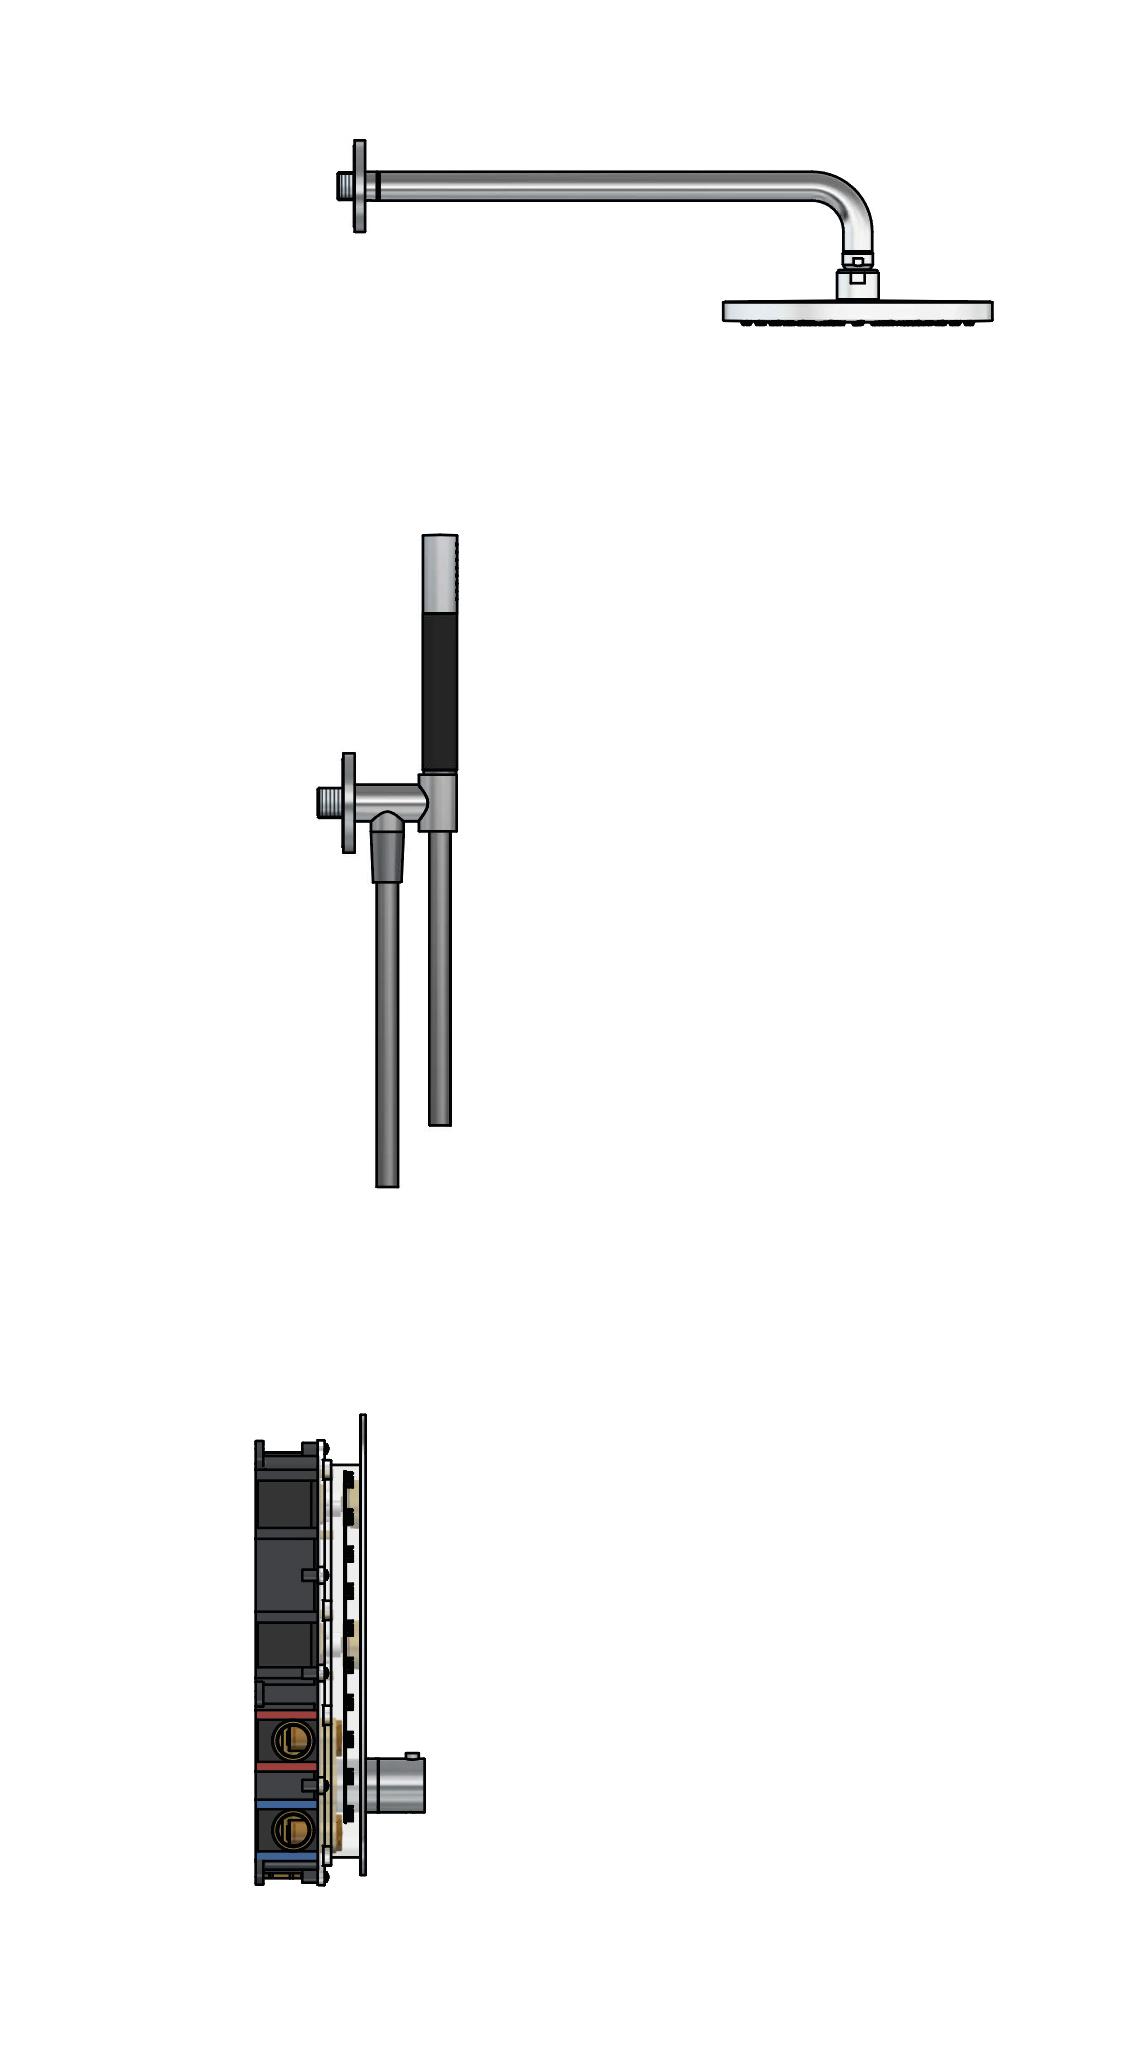 Hotbath Cobber Complete Thermostatische Douche Inbouwset Geborsteld Nikkel IBS24